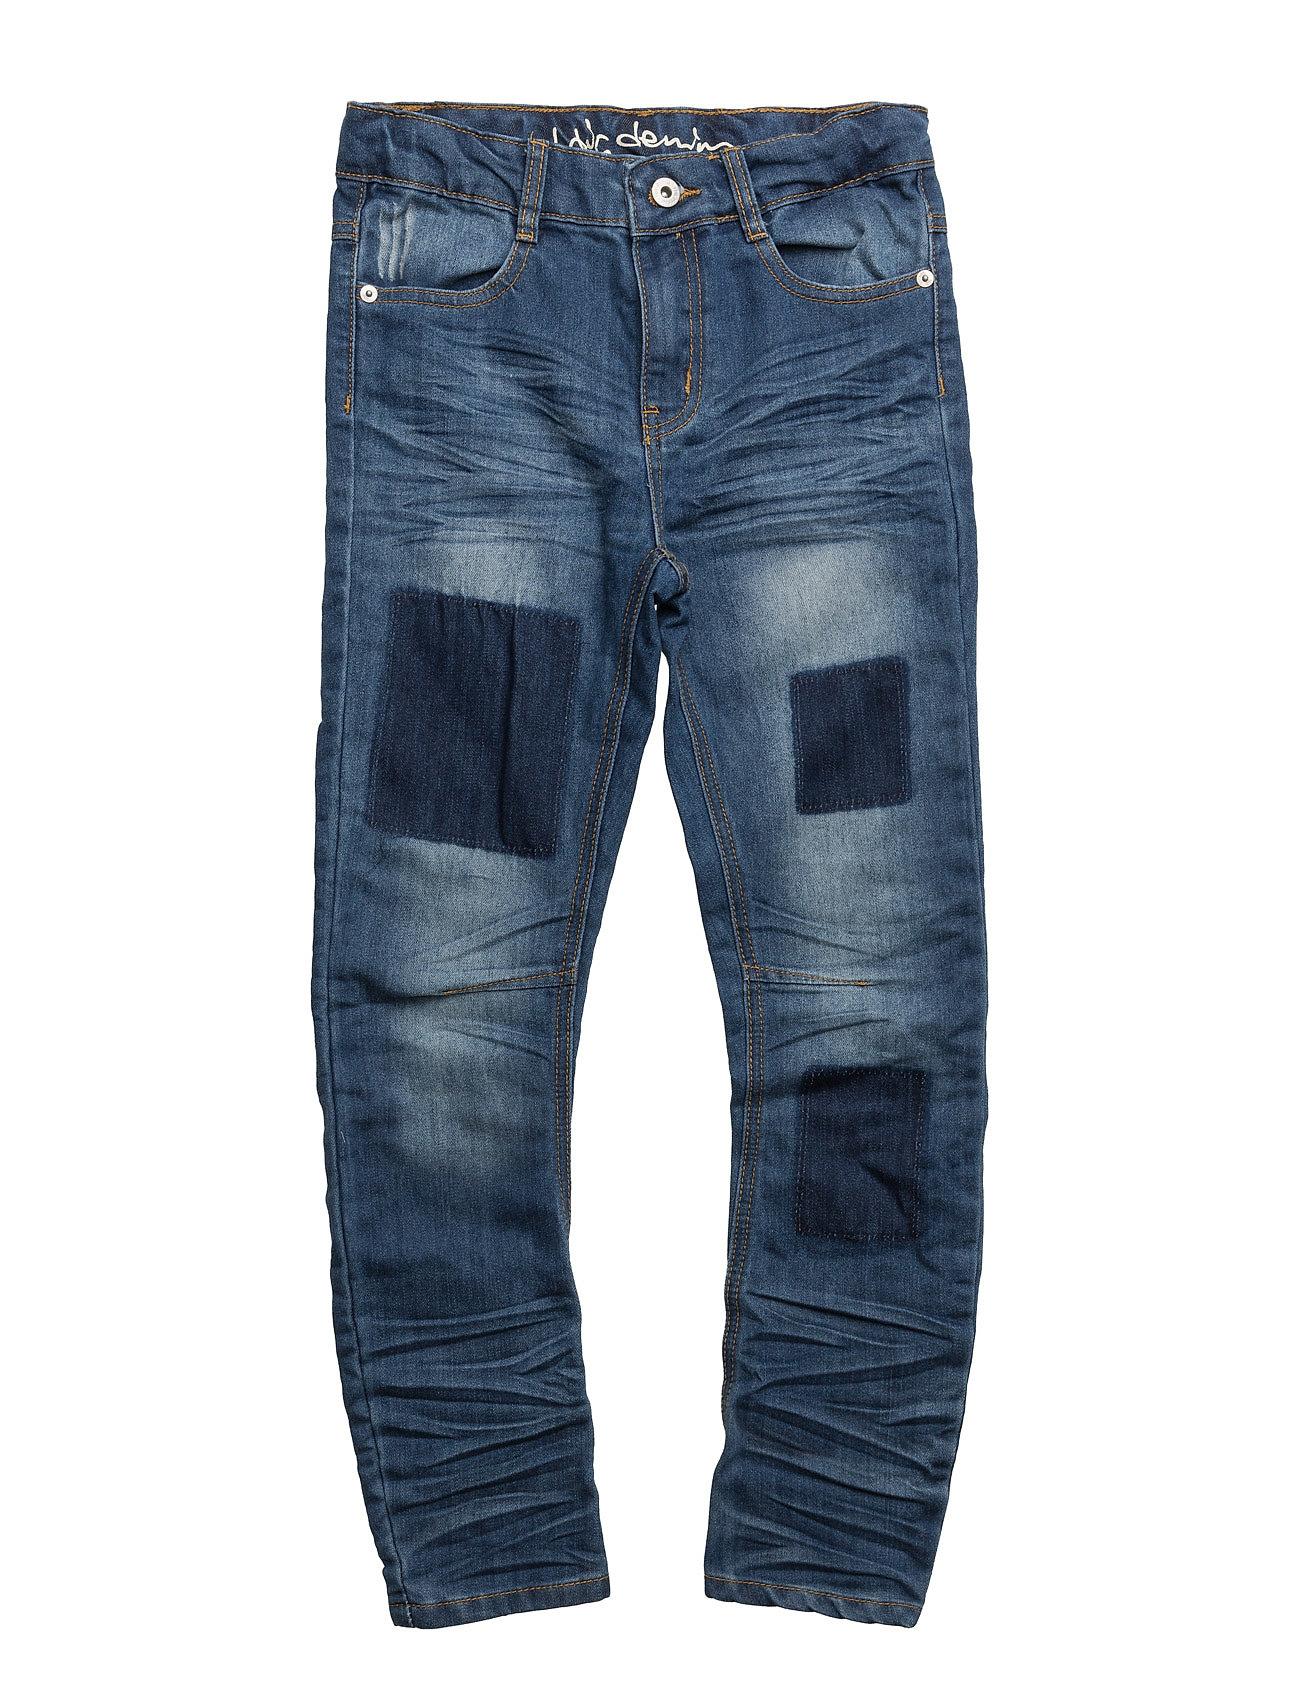 Newark jeans fra i dig denim på boozt.com dk